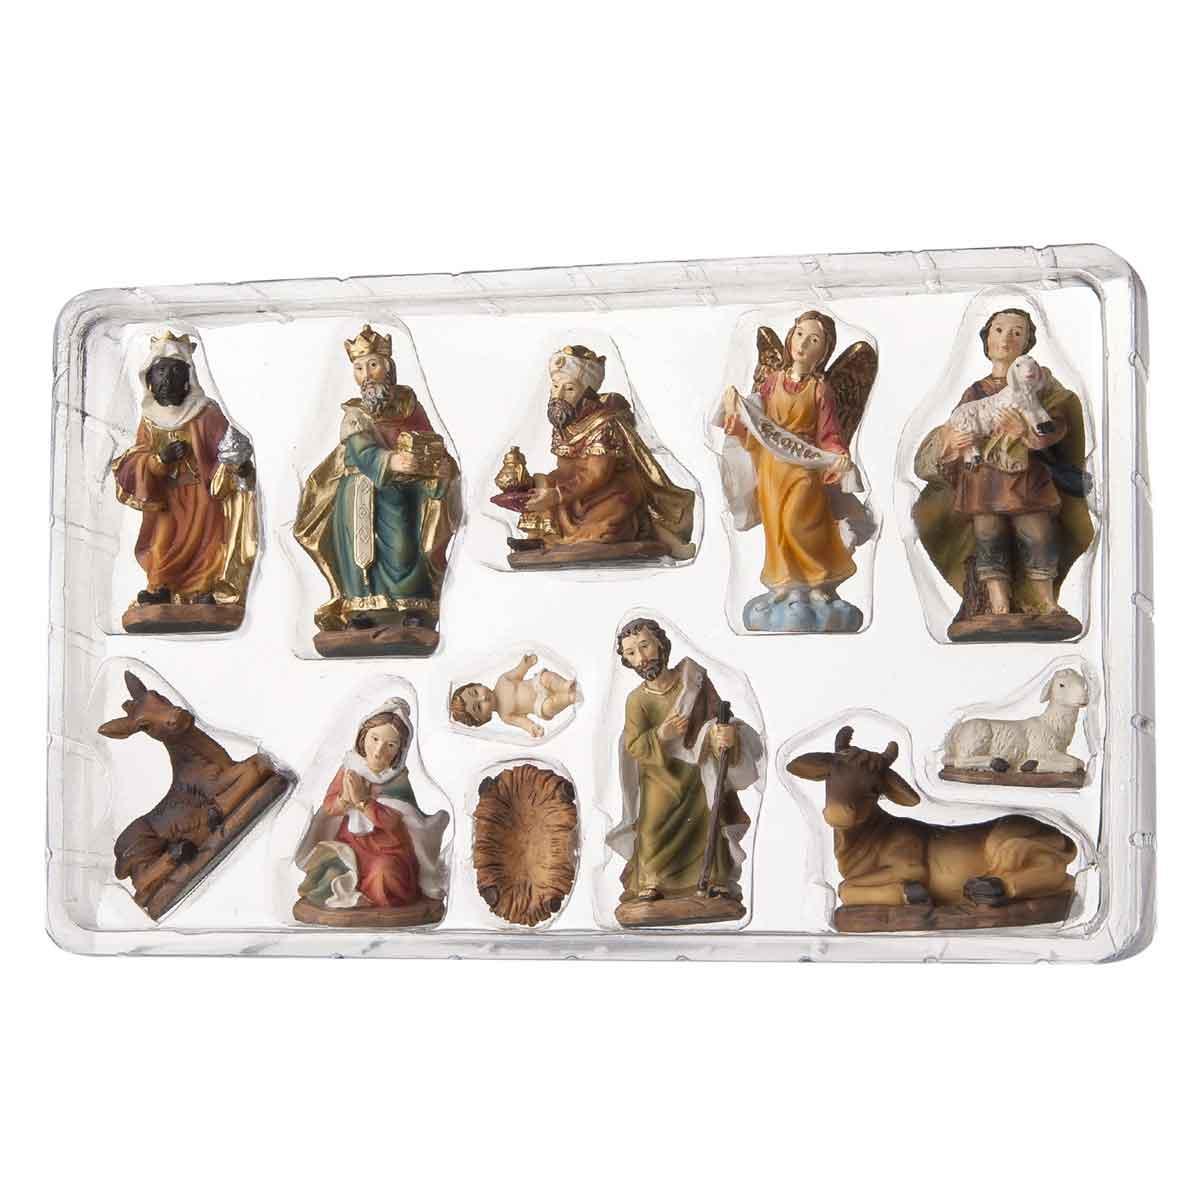 Presepe – Set 11 statuette Natività altezza 9cm